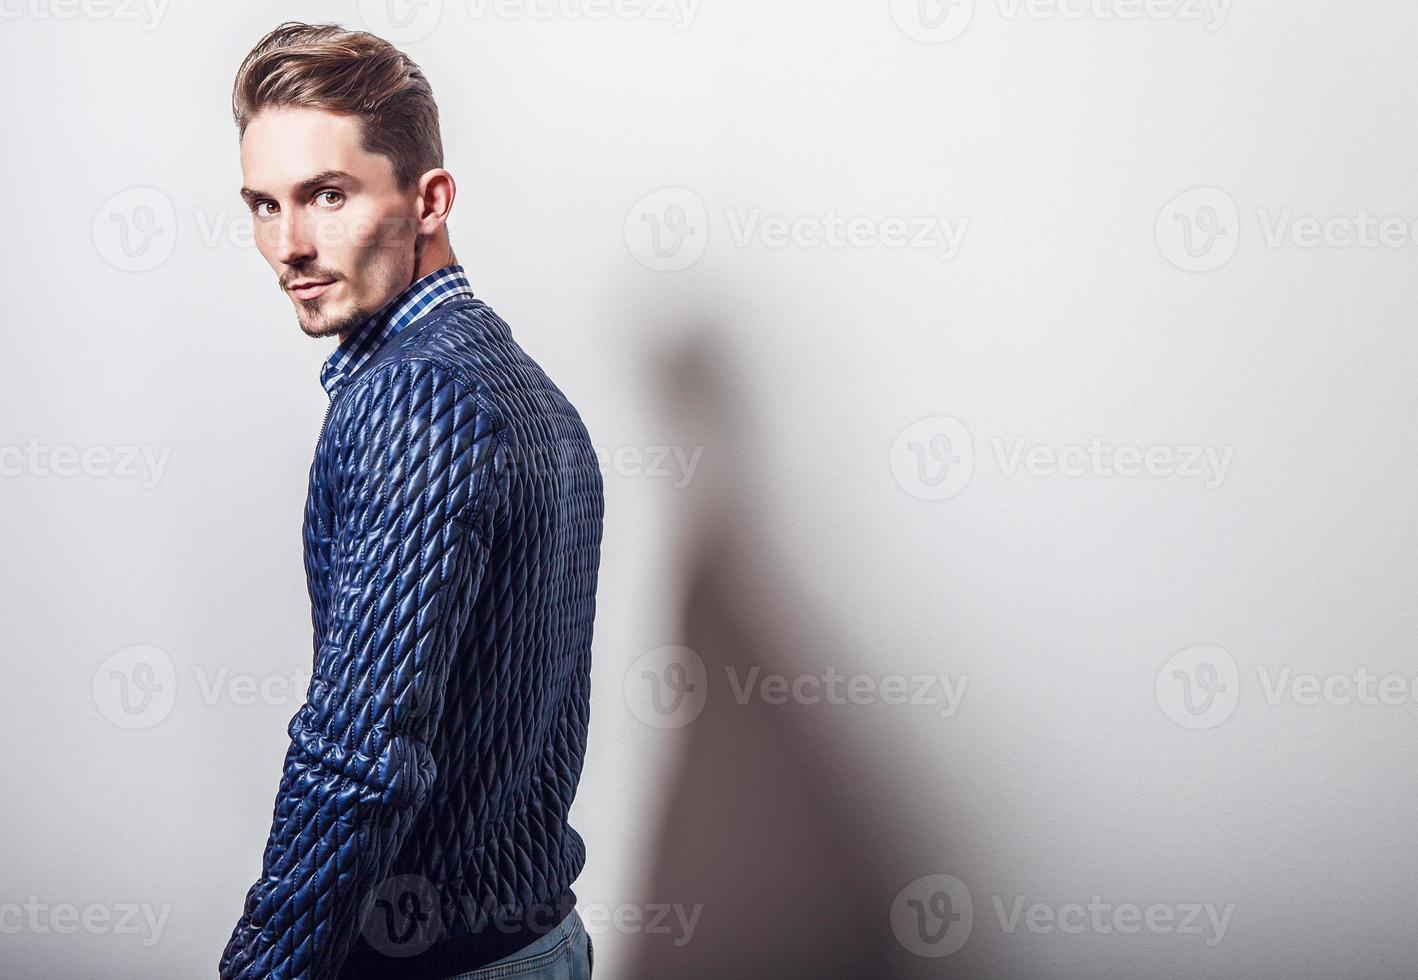 elegante joven apuesto en elegante chaqueta azul oscuro. foto